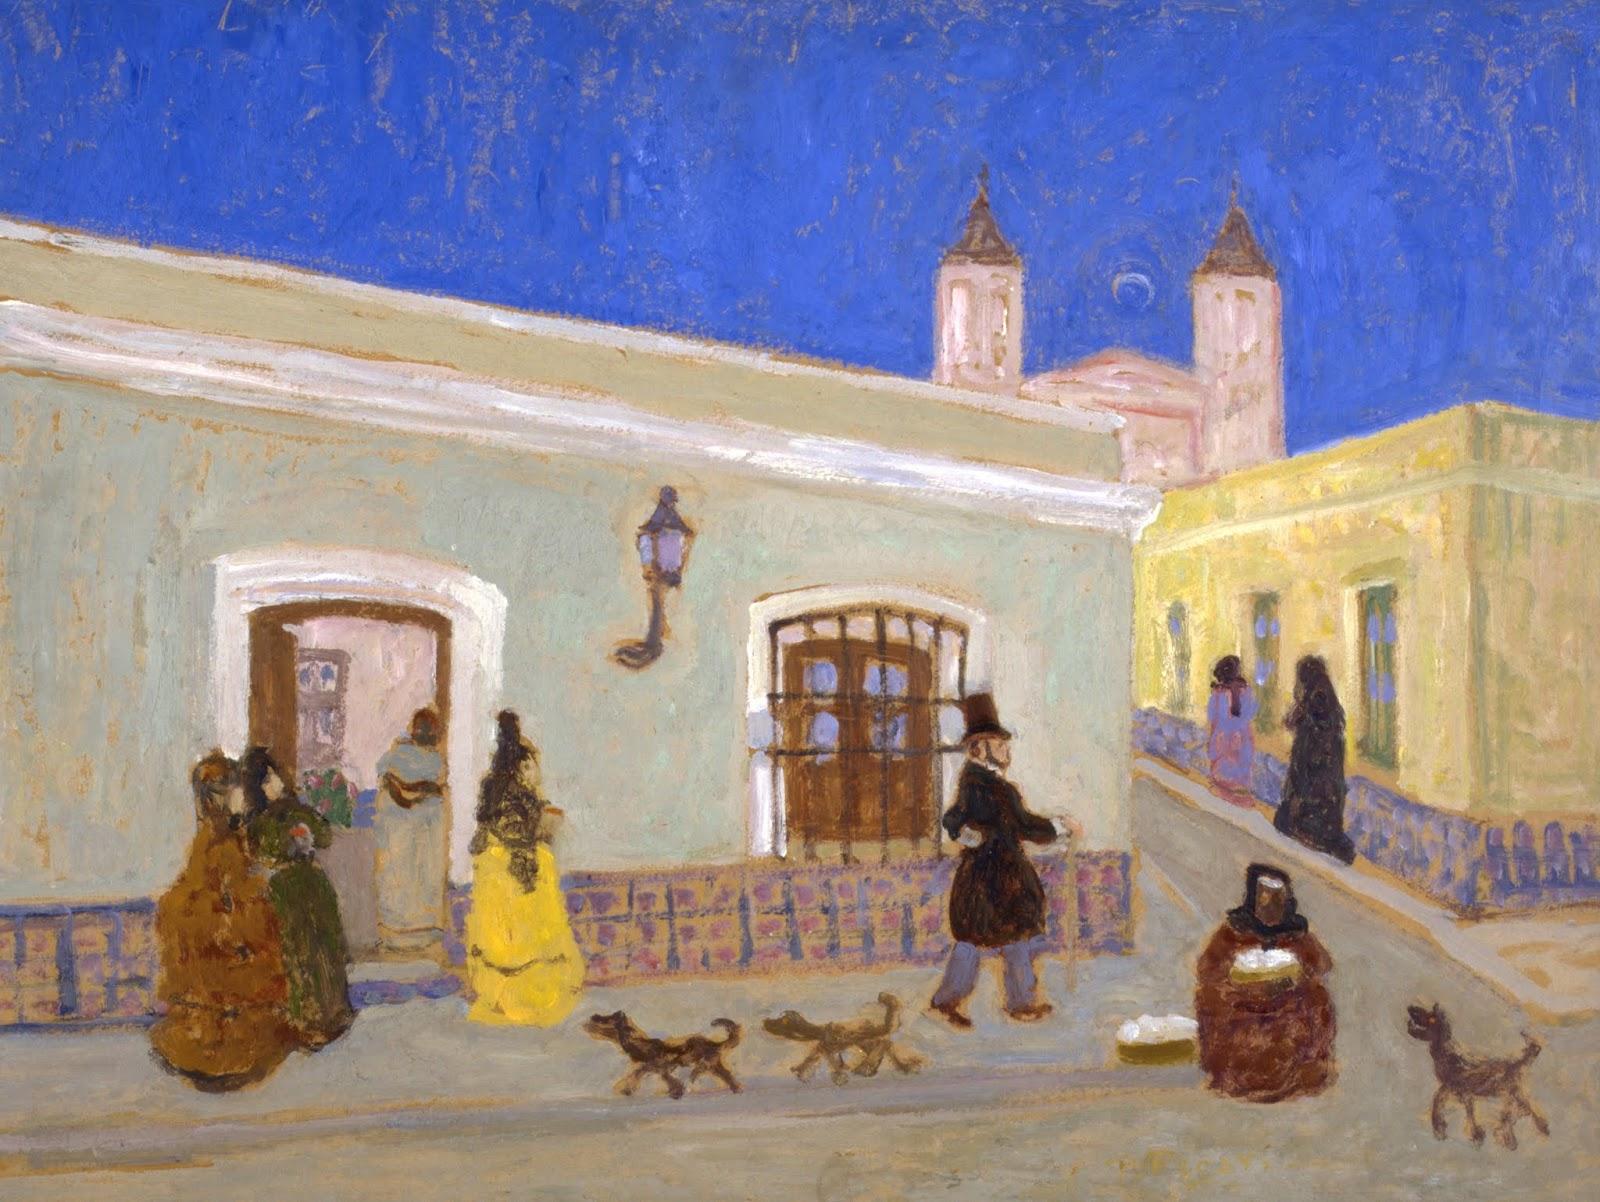 PEDRO FIGARI PINTURAS EN MUSEOS - PAINTINGS IN MUSEUMS